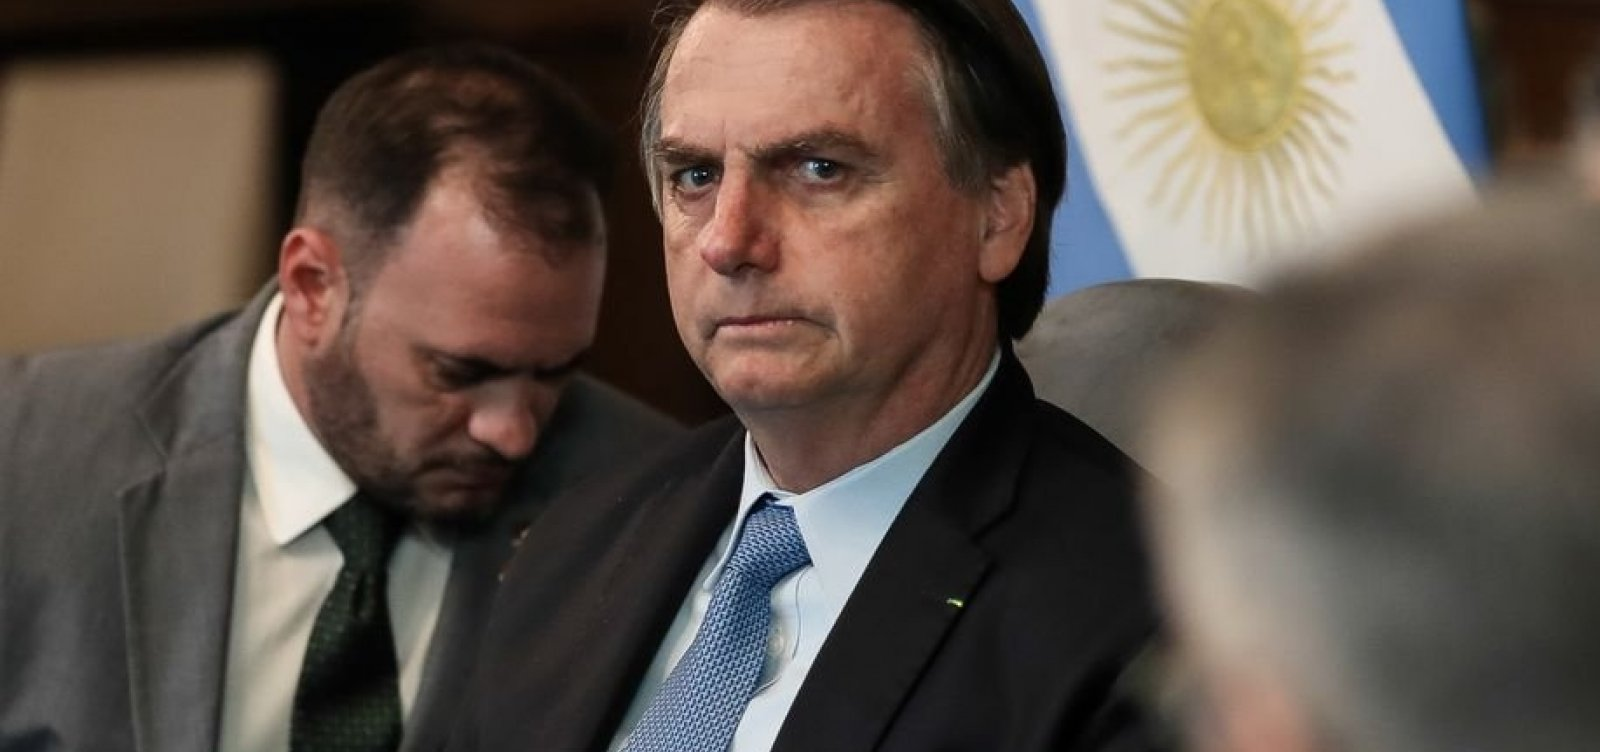 ['Eu deveria ser elogiado', diz Bolsonaro sobre fim de multa por ausência de cadeirinha]